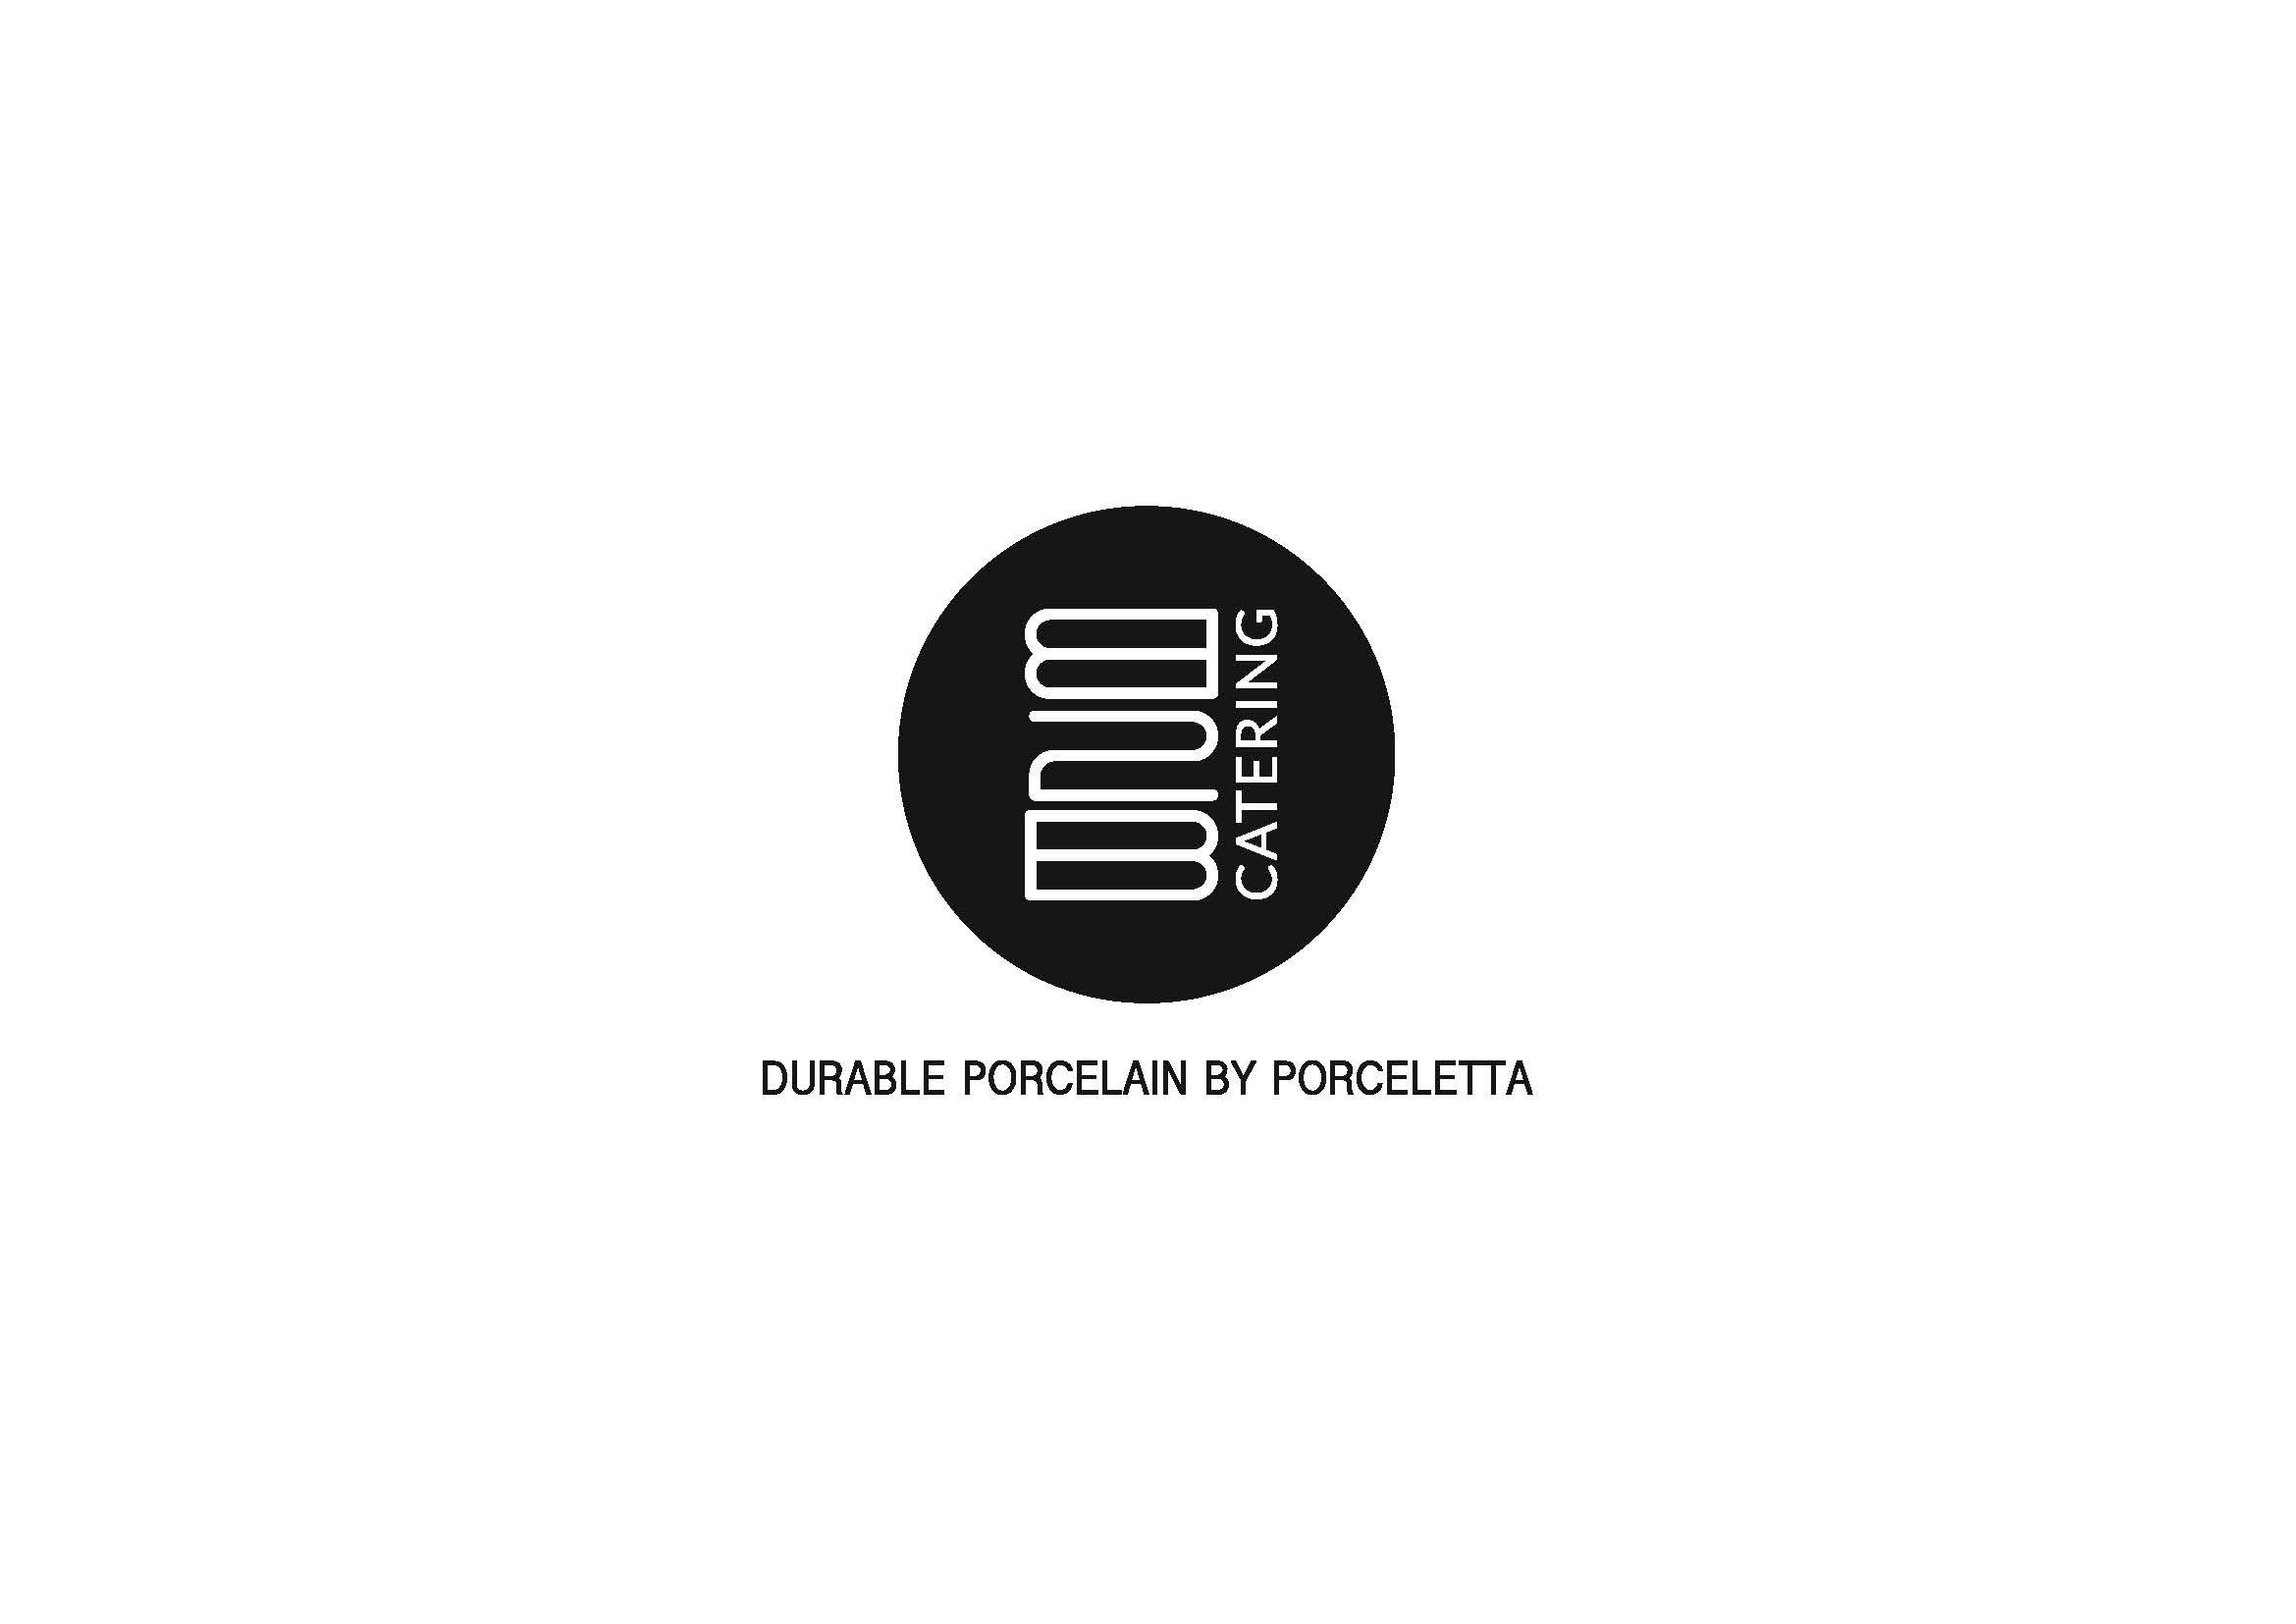 B2b by Porceletta